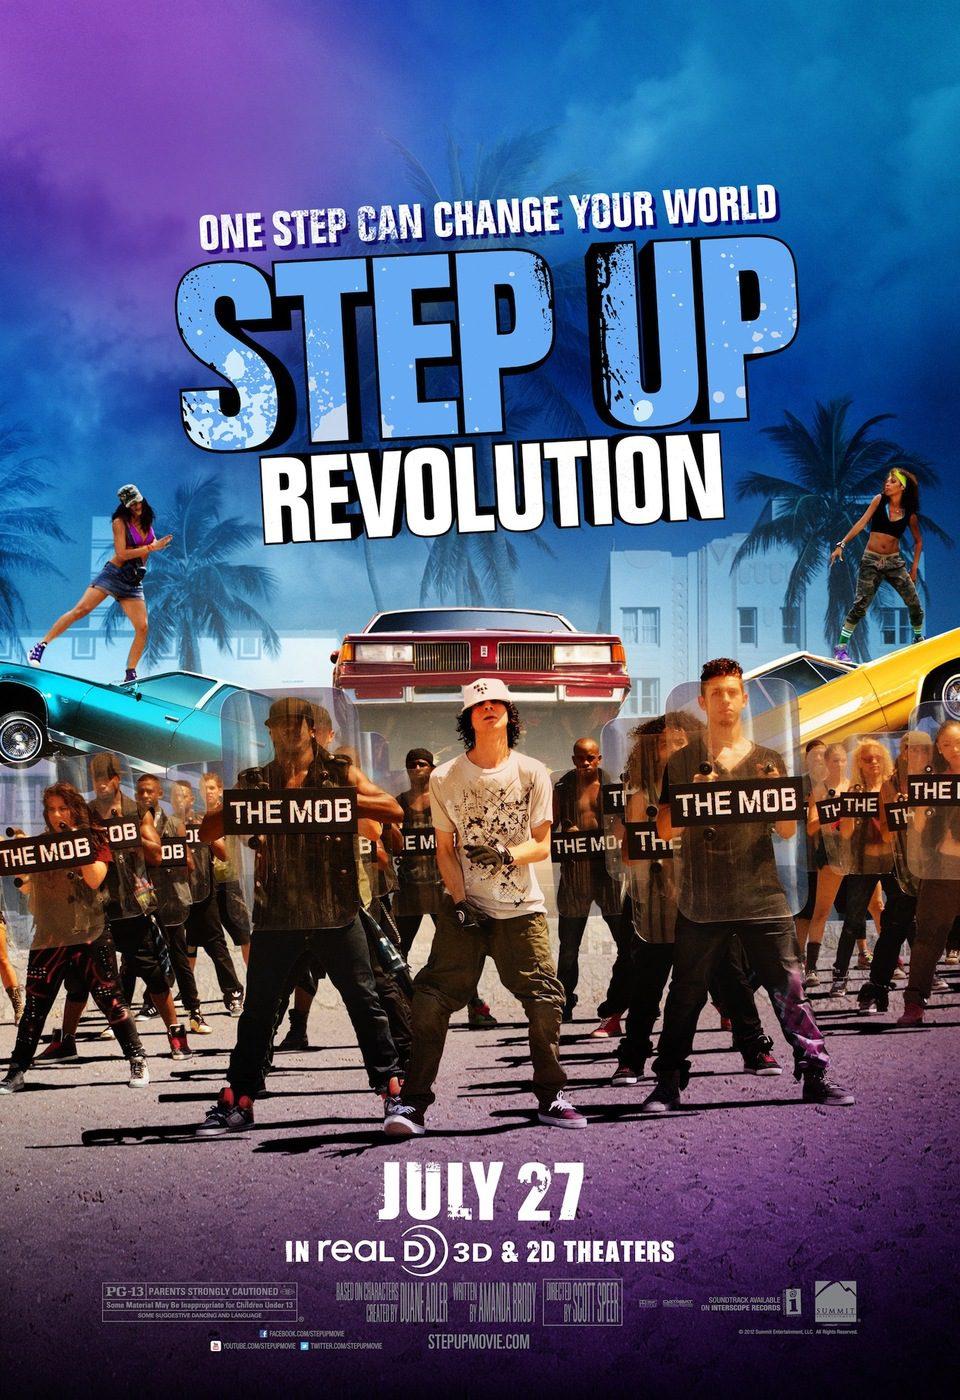 Cartel EEUU #2 de 'Step Up: Revolution'